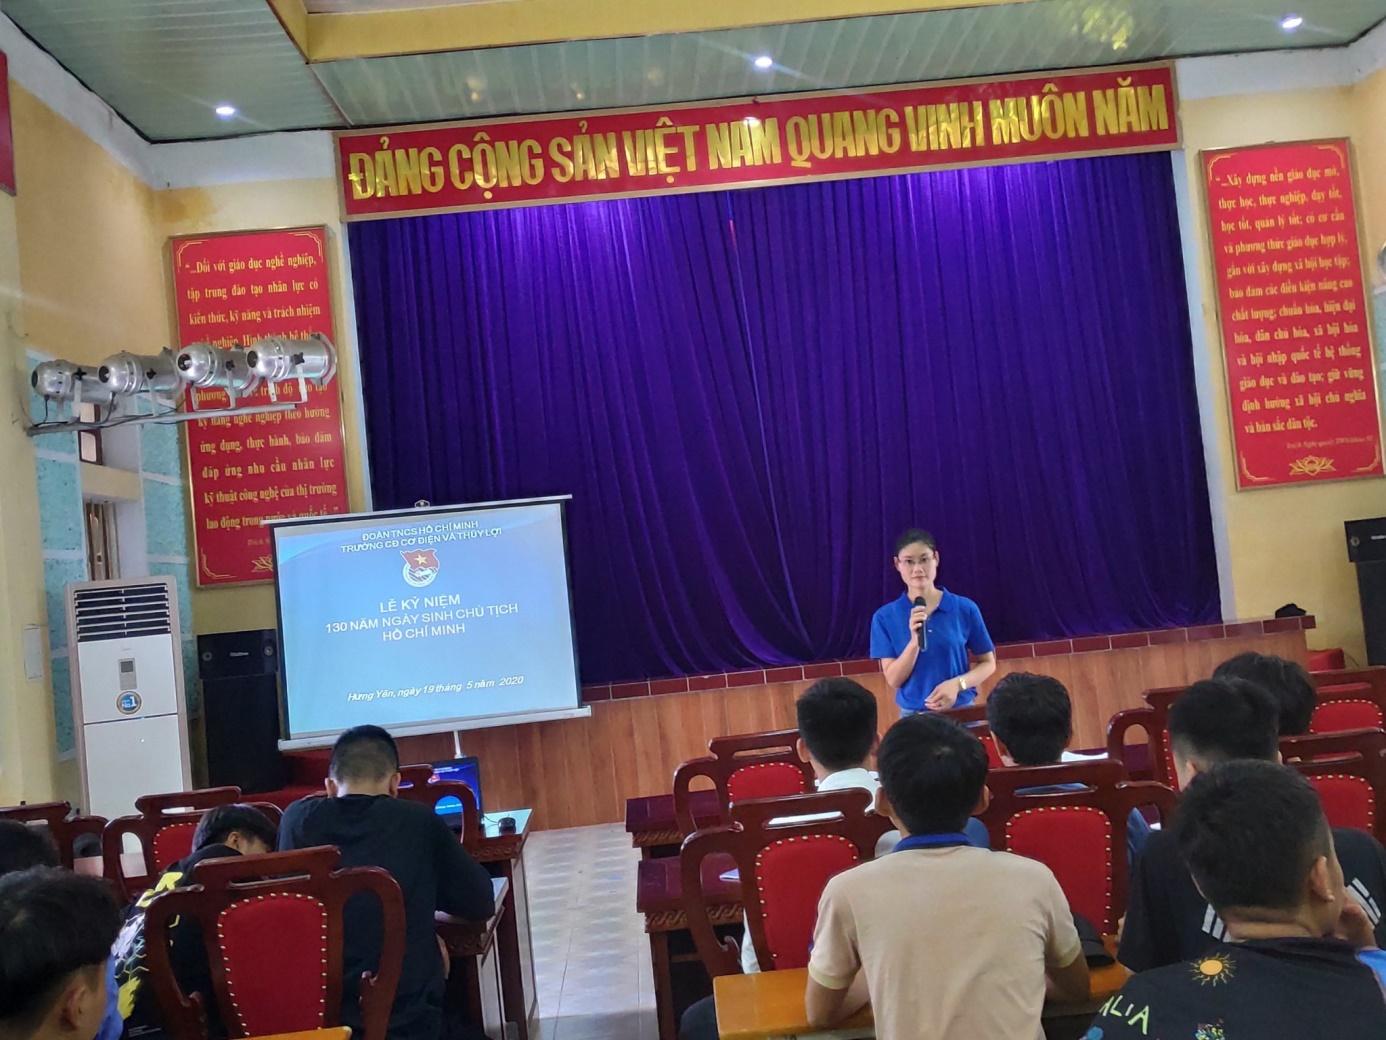 Đoàn trường Cao đẳng cơ điện thủy lợi Hưng Yên tổ chức lễ kỷ niệm 130 năm ngày sinh chủ tịch Hồ Chí Minh